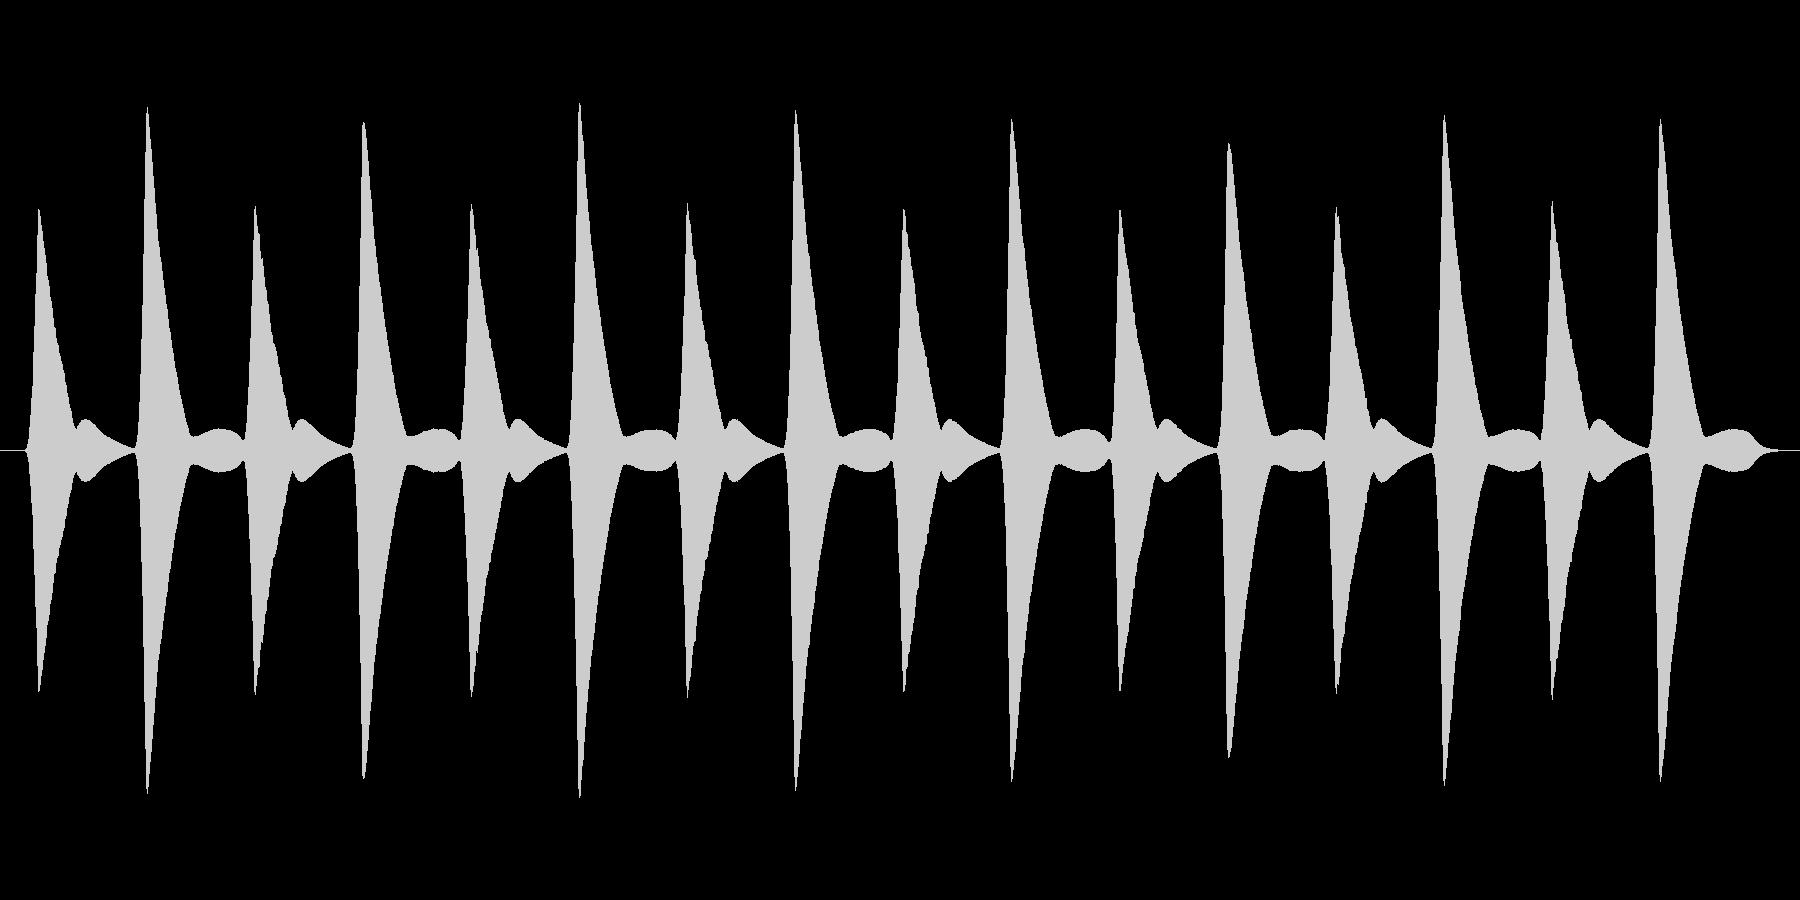 【ピヨった音】ぴよぴよぴよぴよの未再生の波形